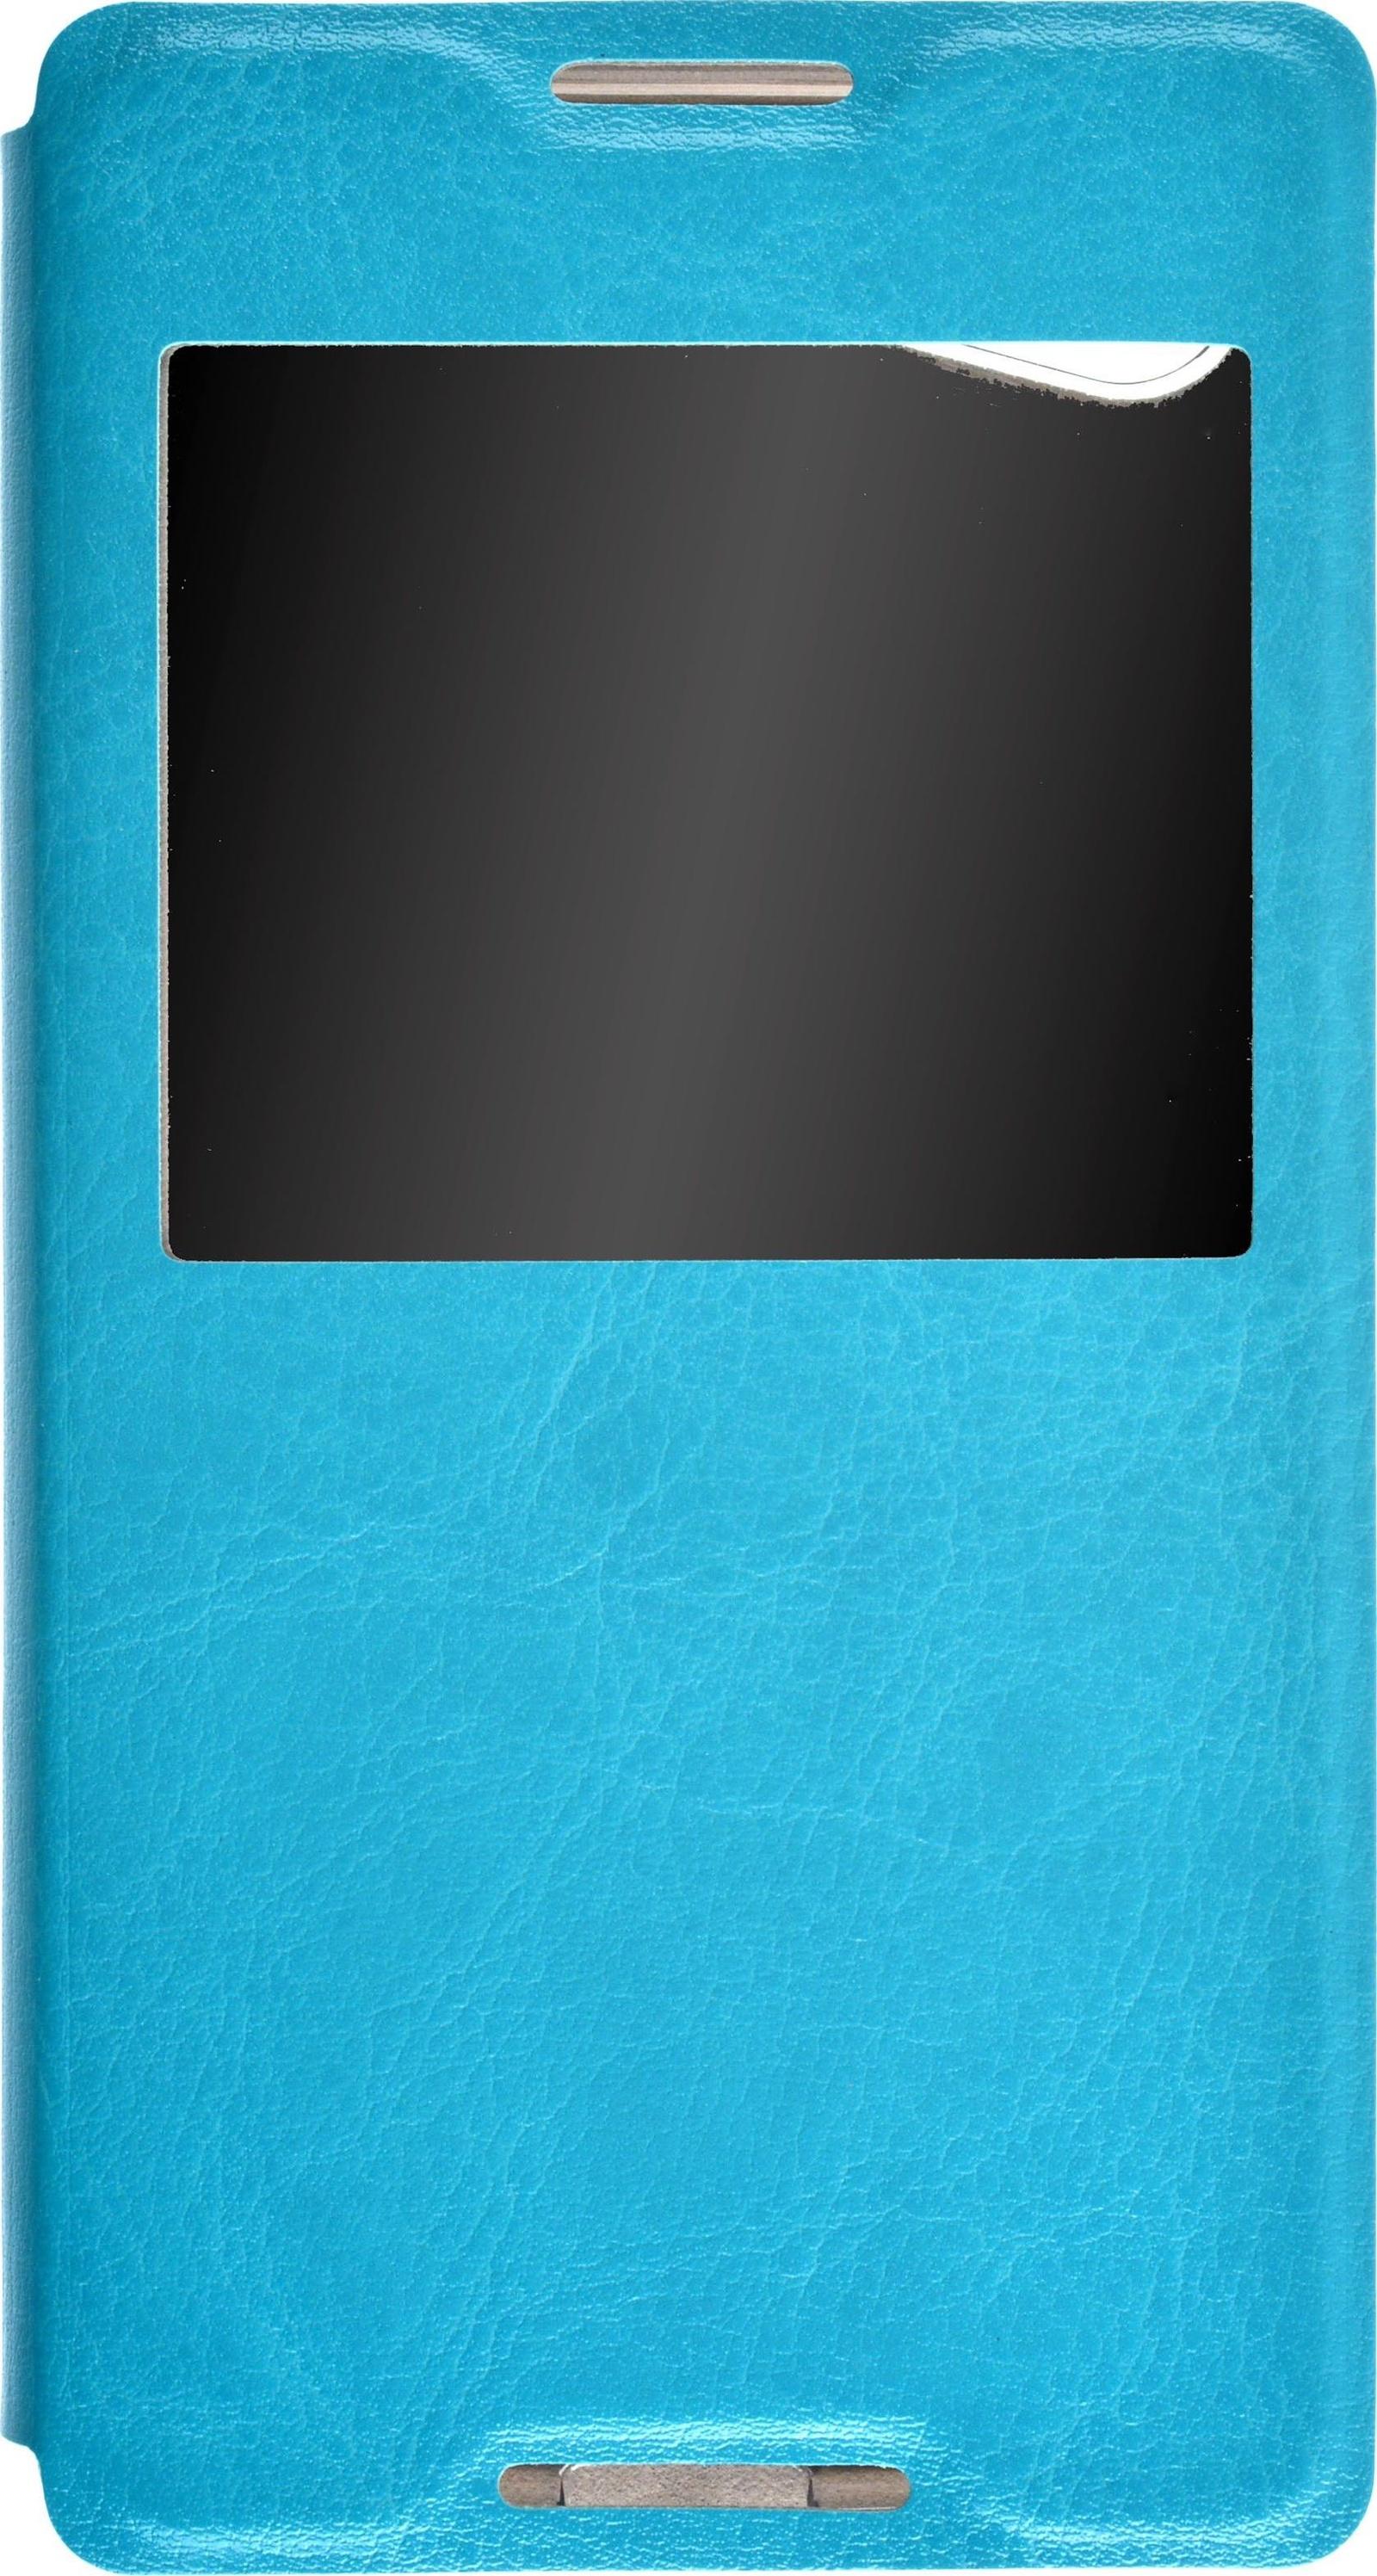 Чехол для сотового телефона skinBOX Lux AW, 4630042525450, синий чехол для sony e6683 xperia z5 skinbox 4people черный